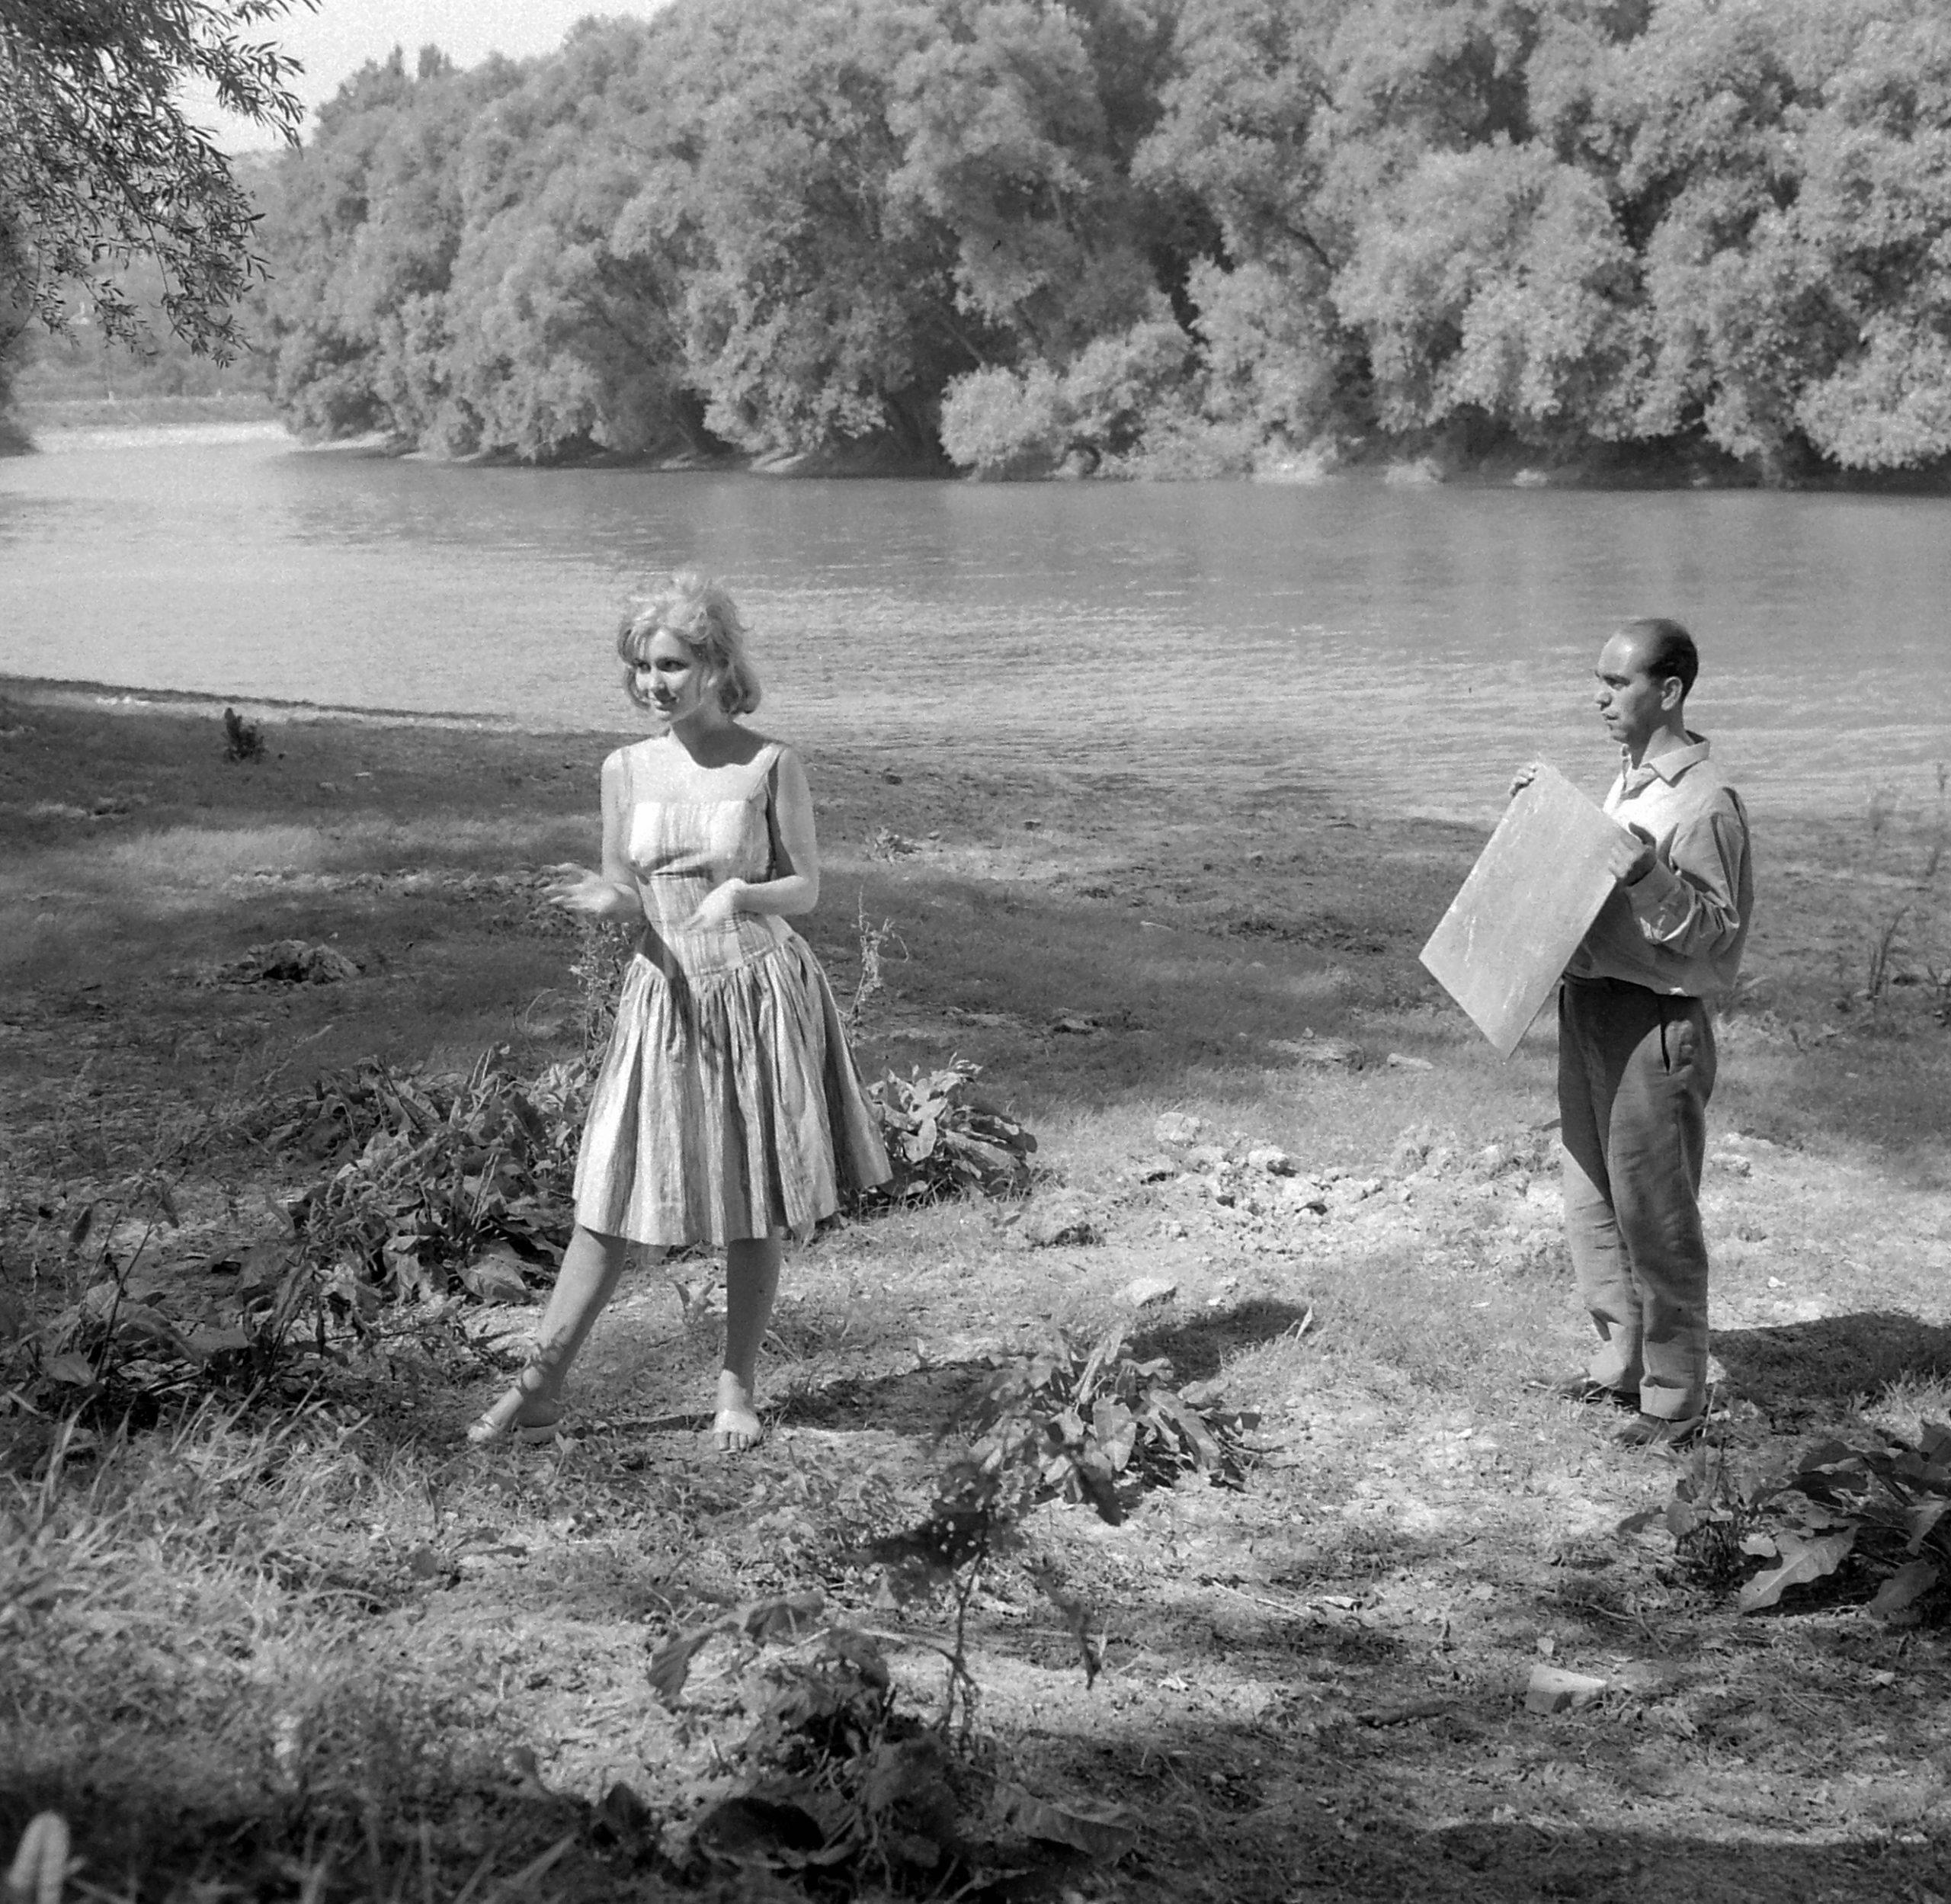 Sólyom-sziget. Pécsi Ildikó színművésznő az Aranyember című film forgatásán 1962-ban Fortepan/Kotnyek Antal